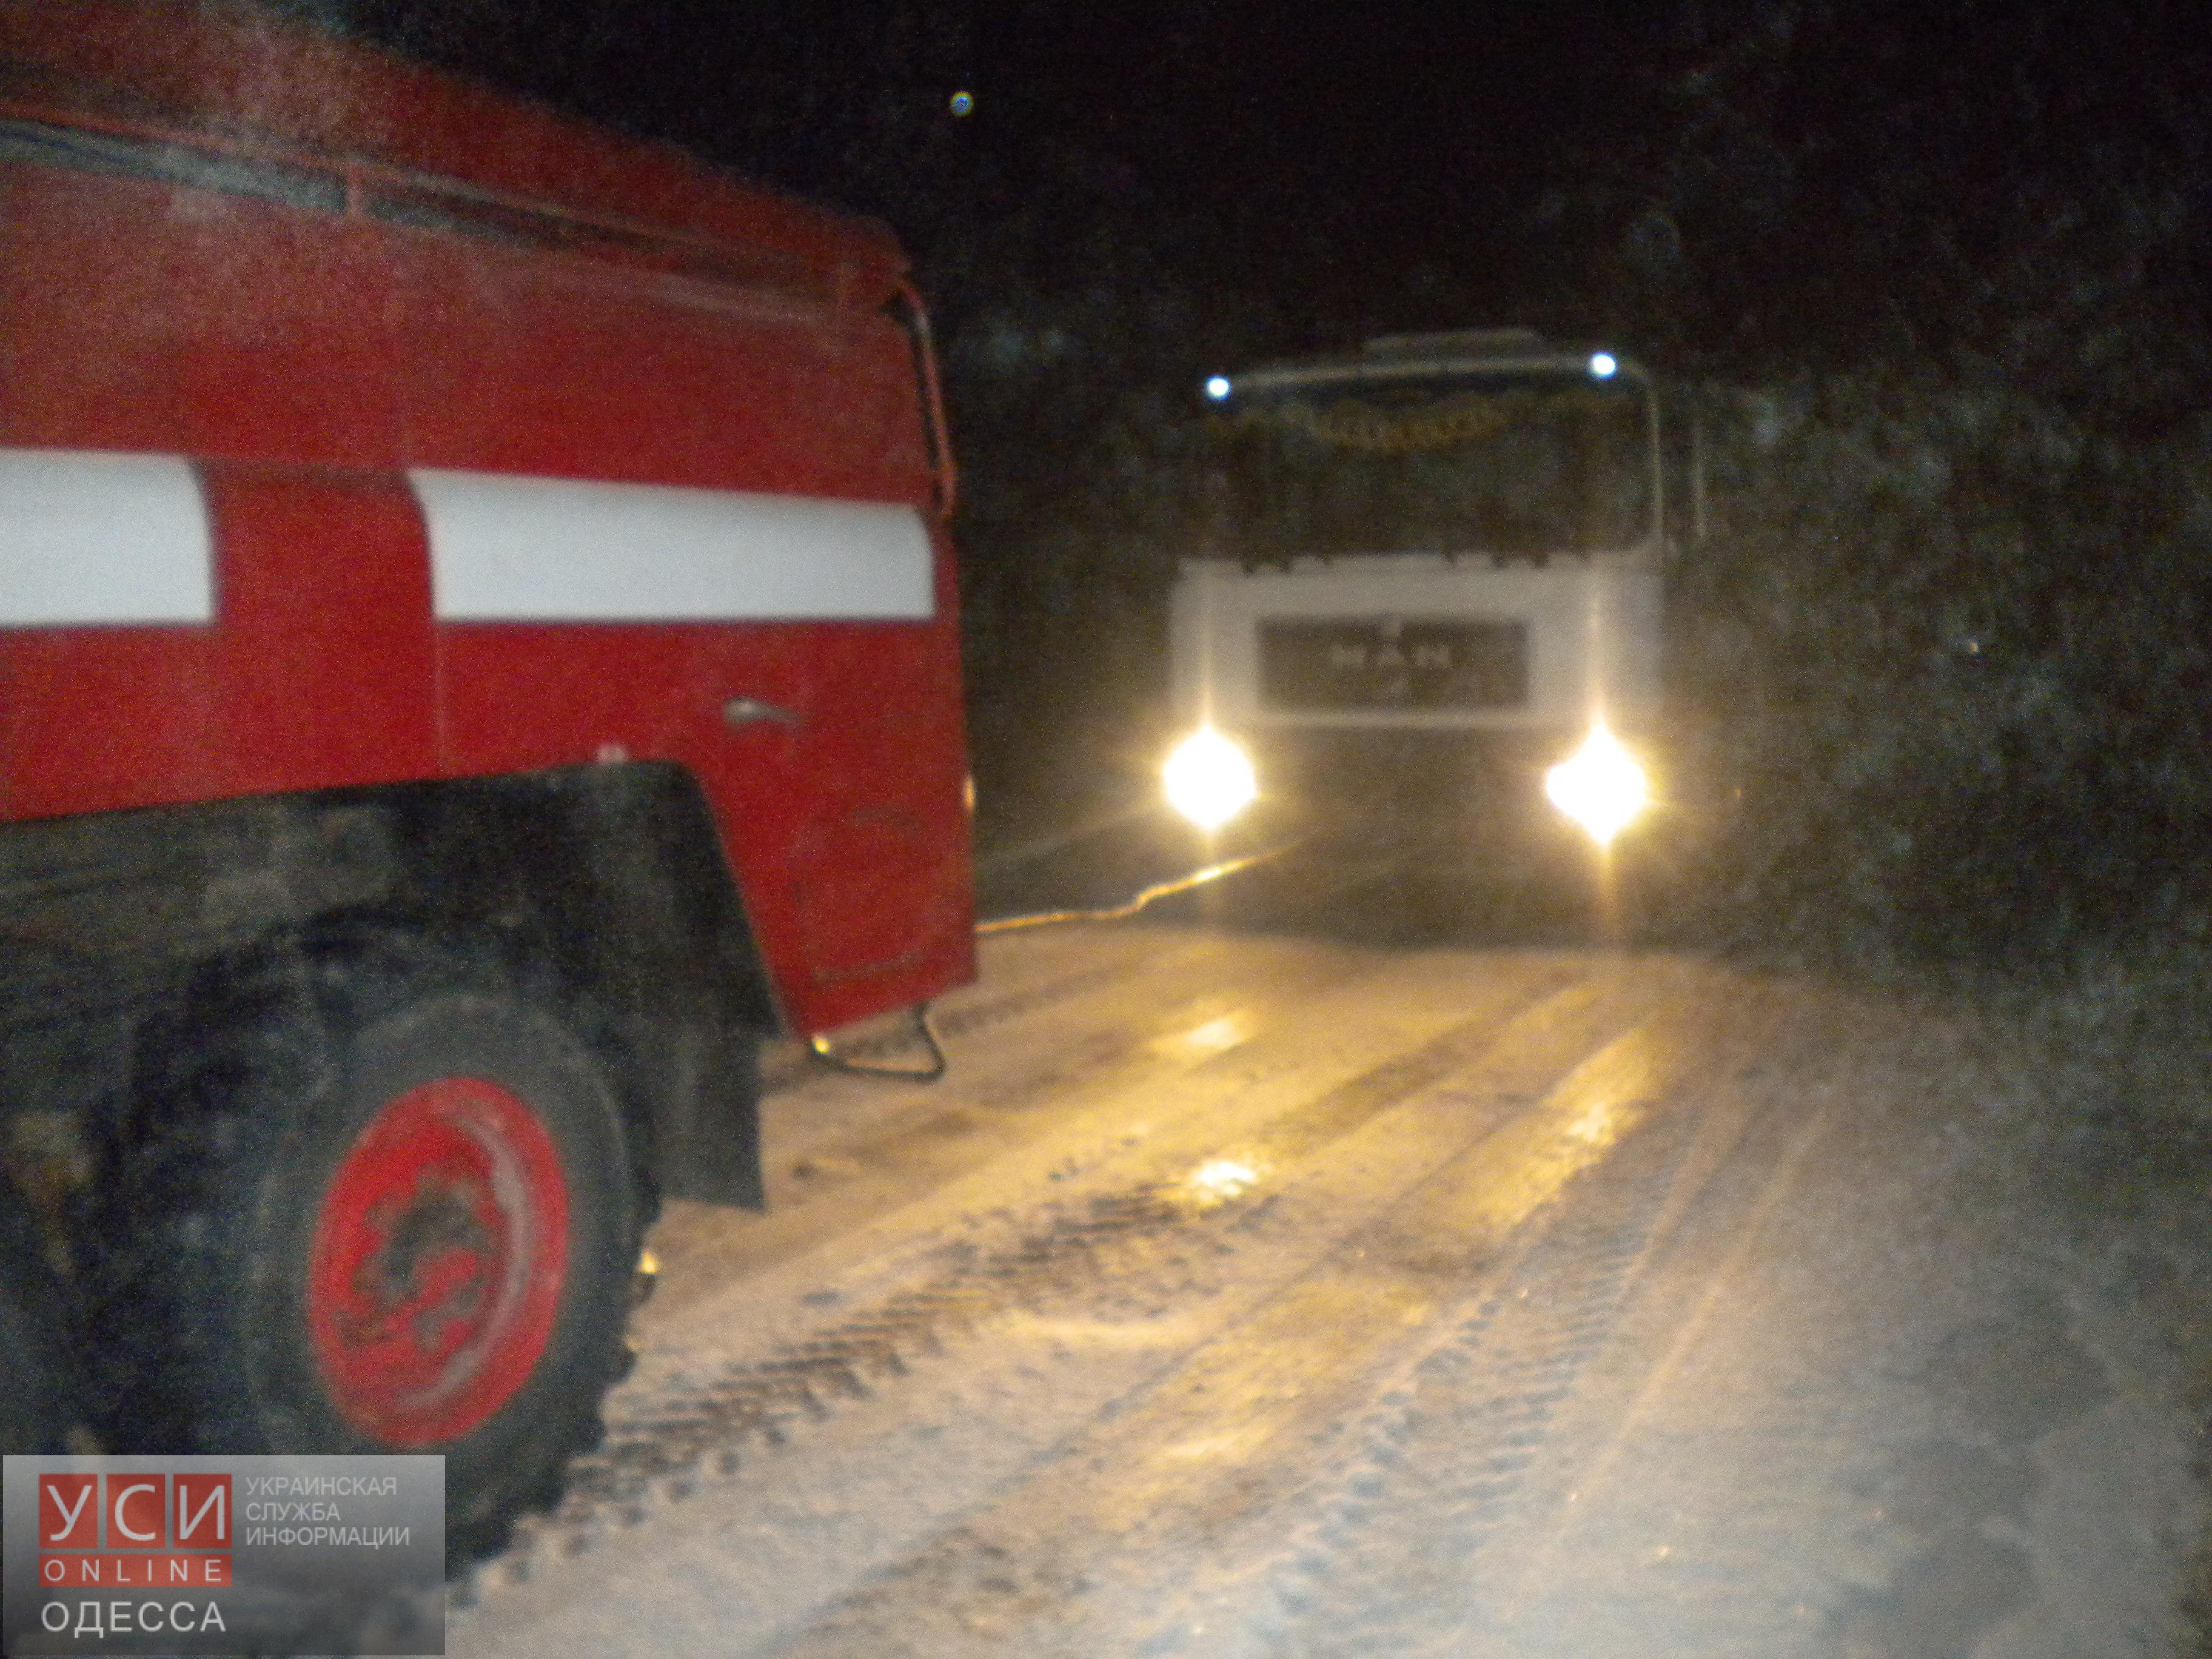 Cотрудники экстренных служб Одесской области вытянули изкювета легковую машину ипомогли пересилить подъем грузовику